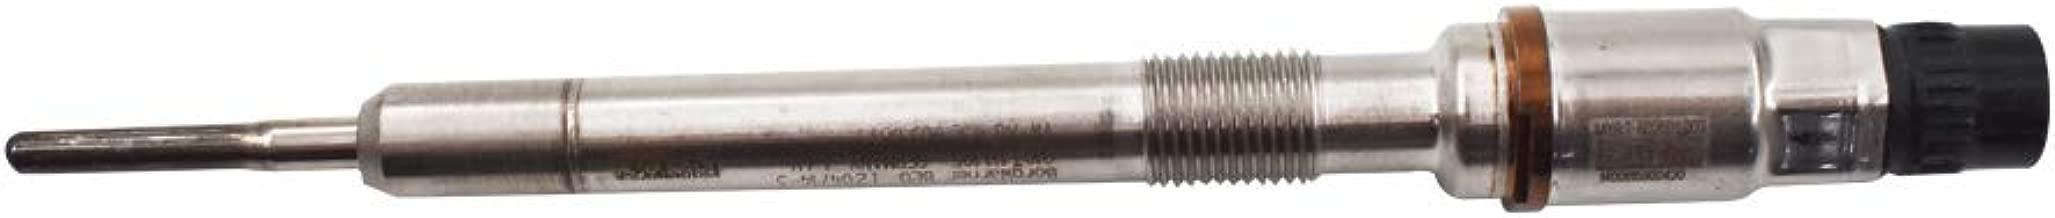 Pack of 4 Ensun DRX00059 Fast Start Dual Coil Diesel Glow Plug fit 1997-2004 VW 1.9 TDI